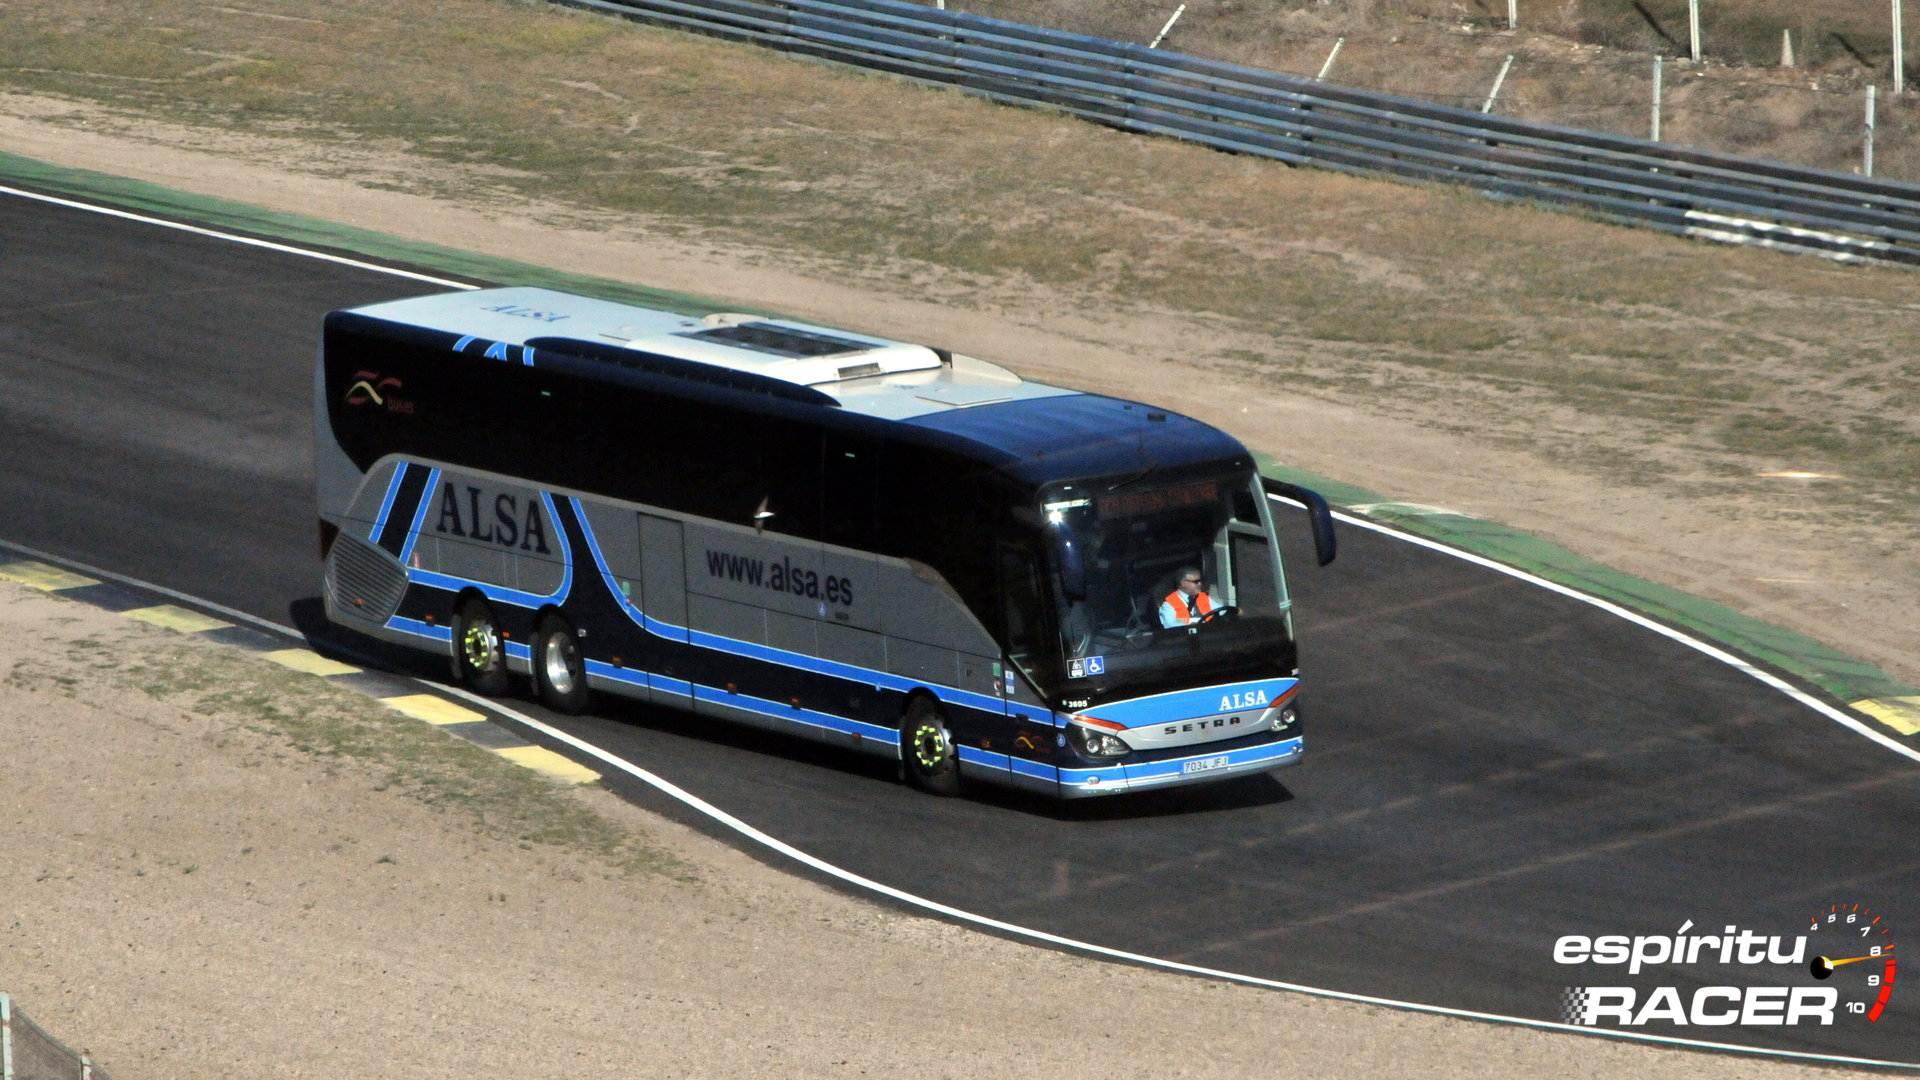 Así es la seguridad en el sector del autobús